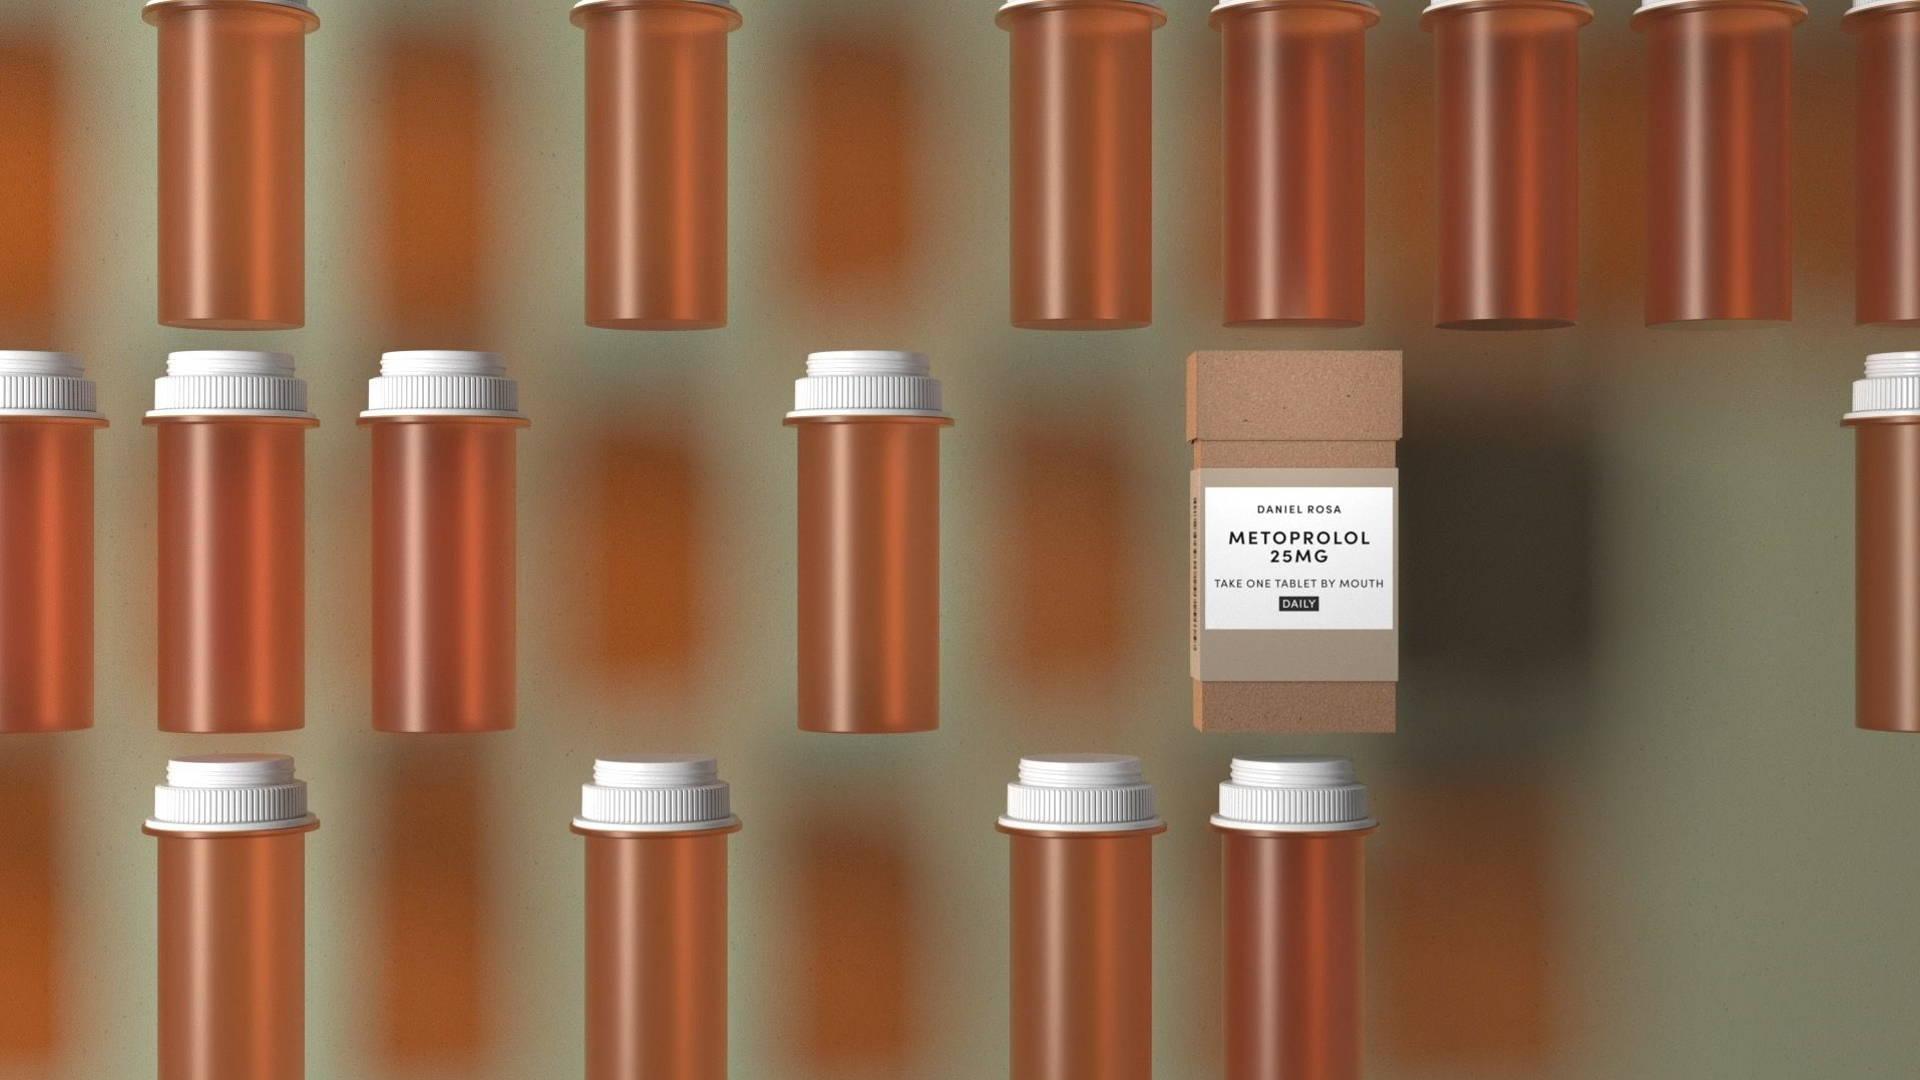 新的处方药包装设计瞄准药品柜中的塑料瓶